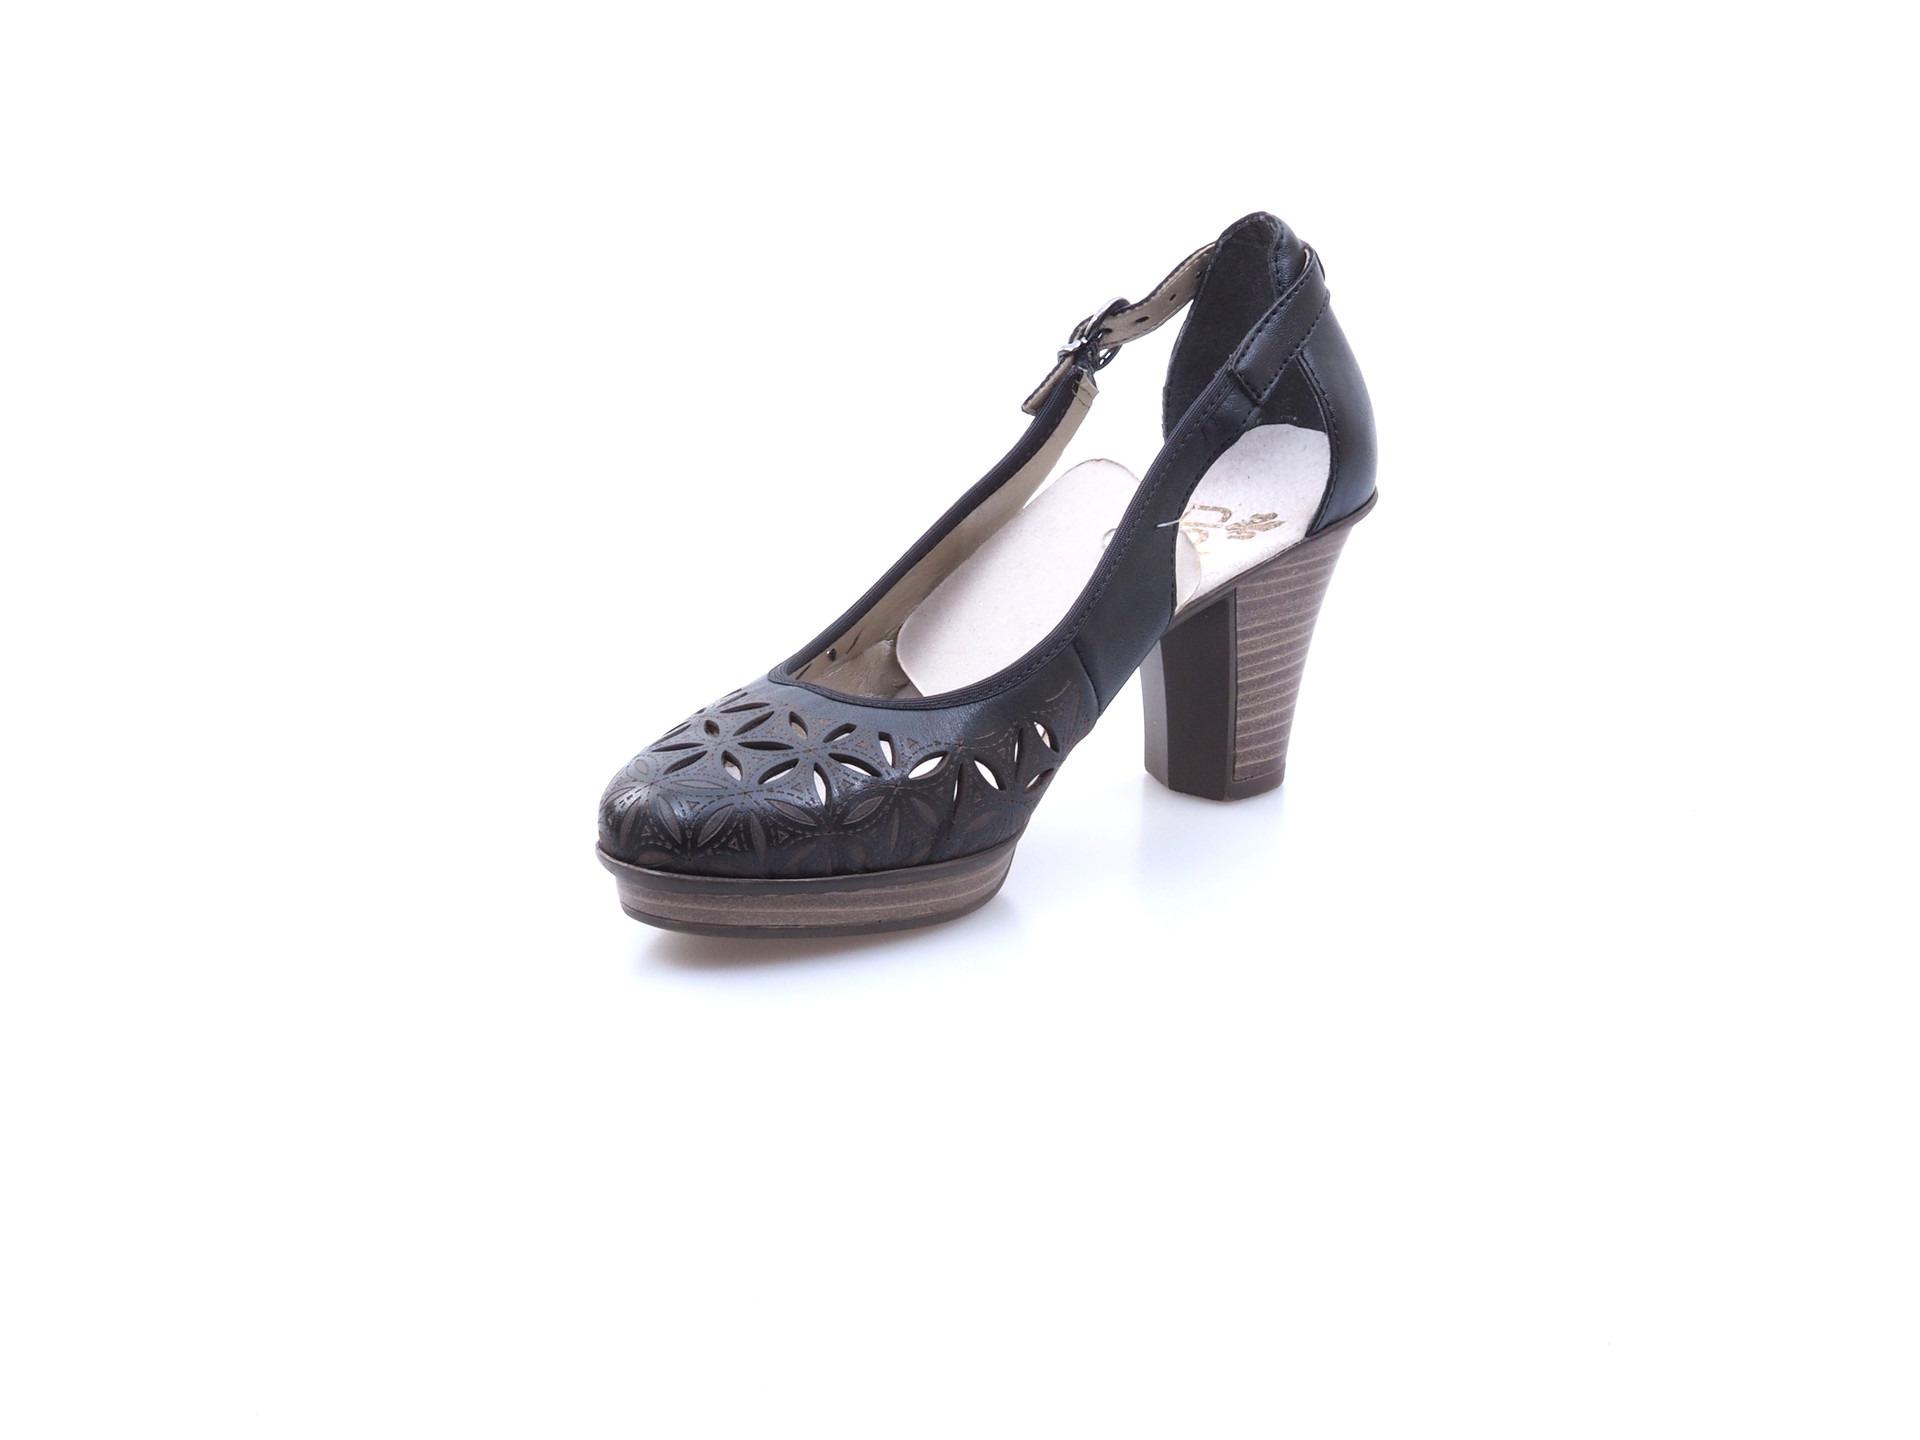 c7799495ee5b Soňa - Dámska obuv - Sandále - Čierna dámska uzatvorená sandála na ...